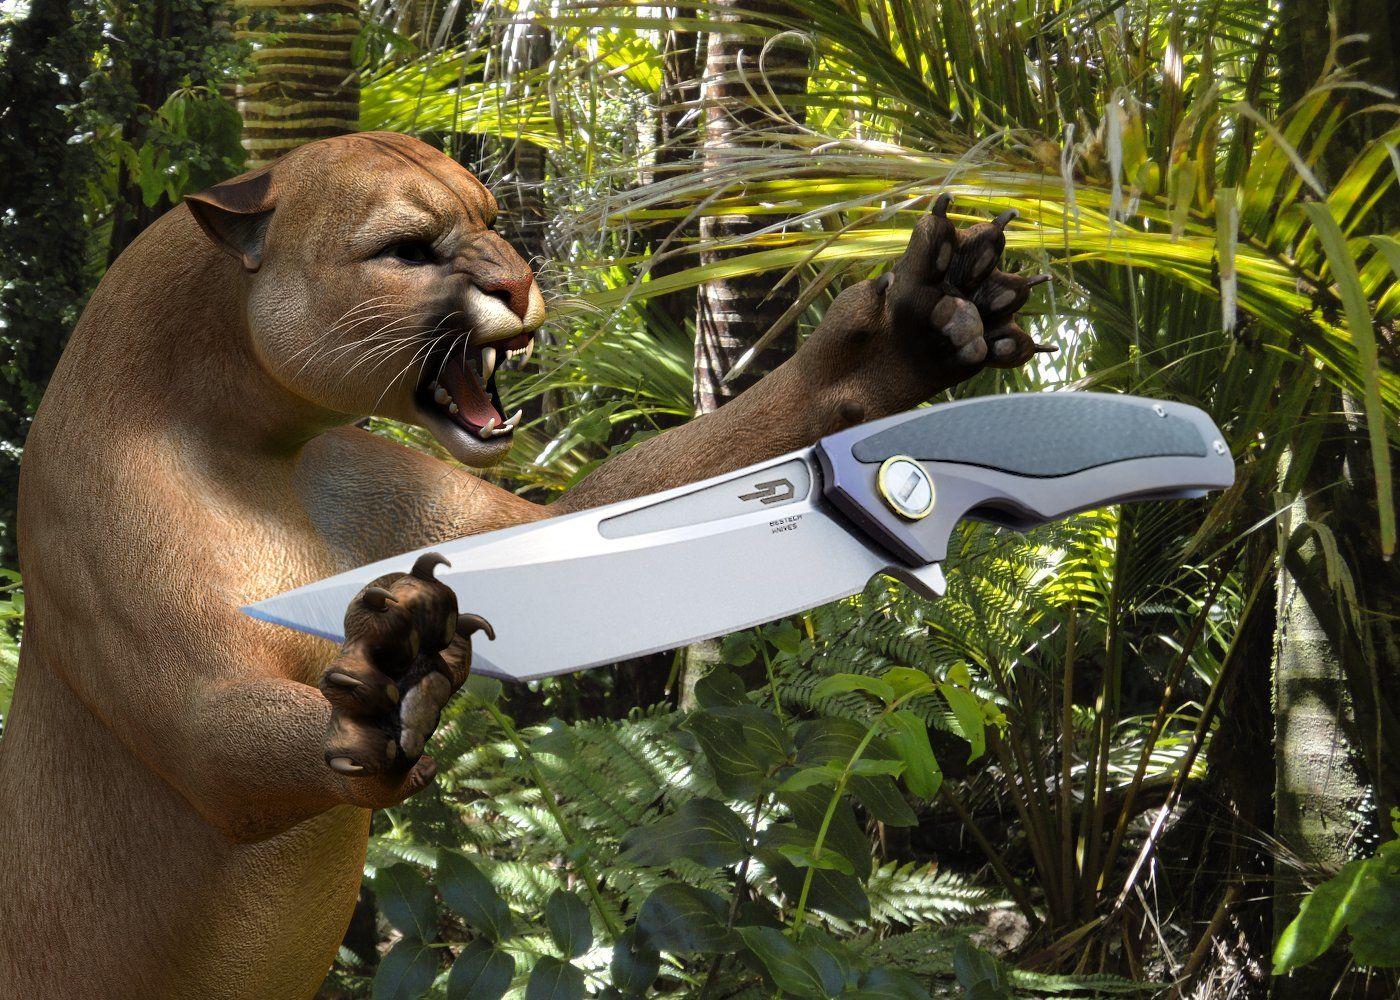 Bestech Predator Review